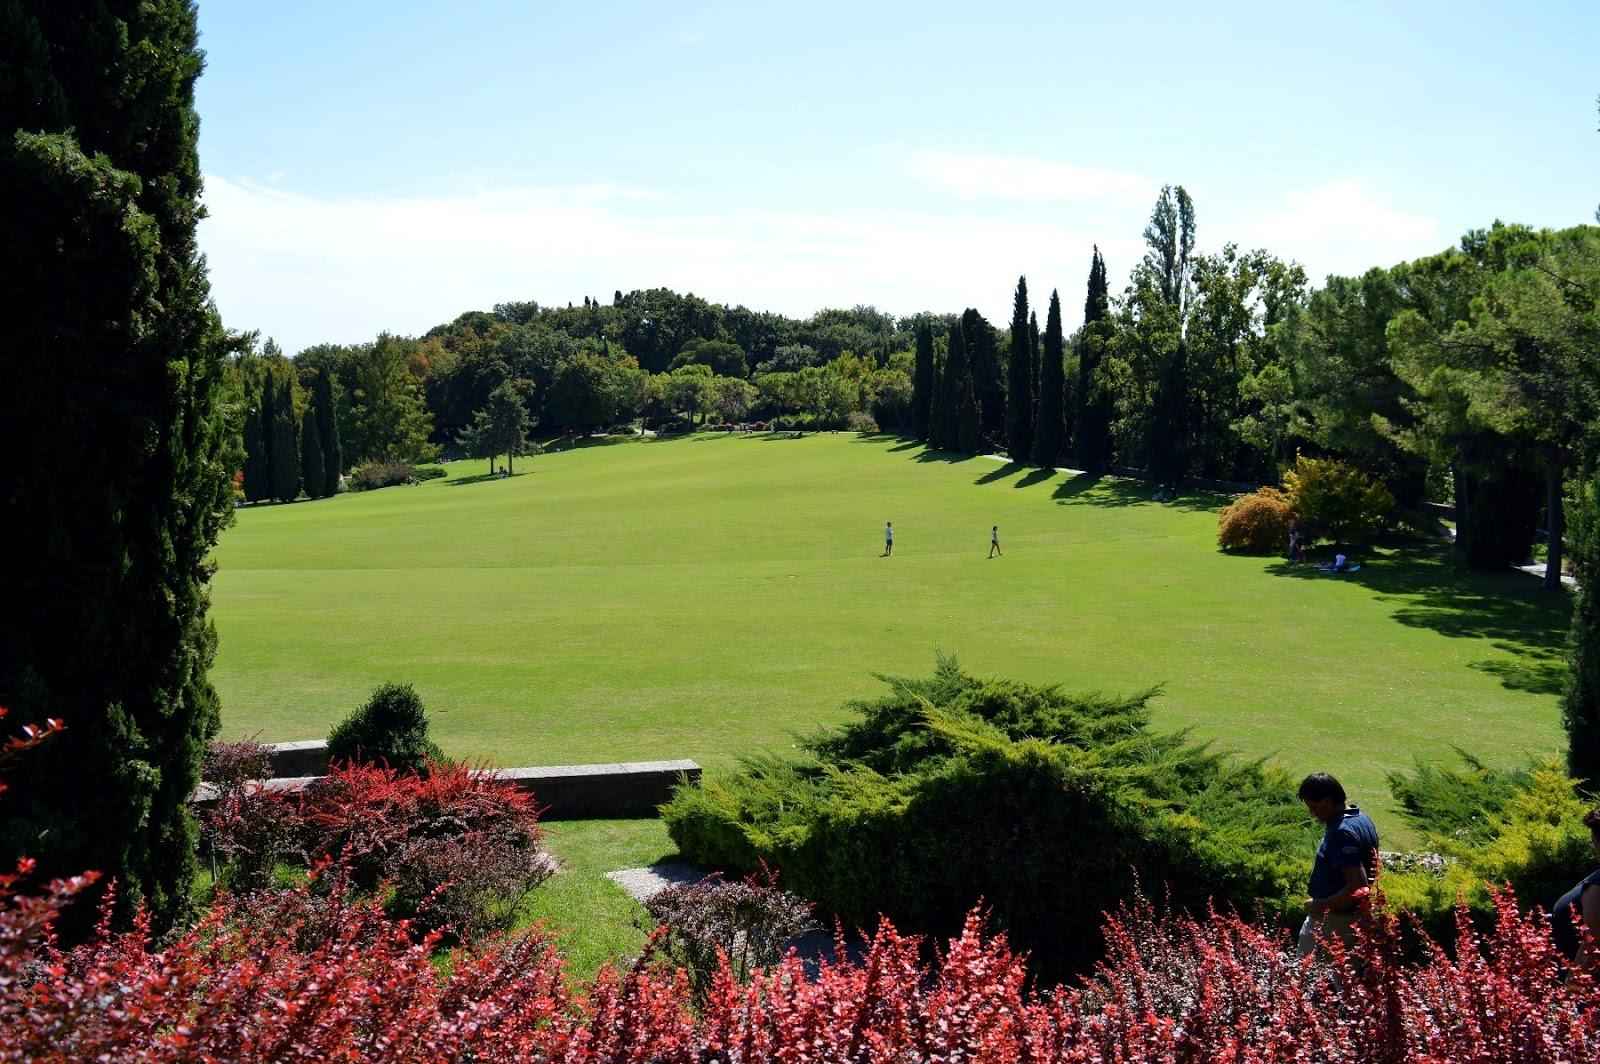 Il parco giardino sigurt camminare nel tempio della natura - Il giardino di elizabeth ...